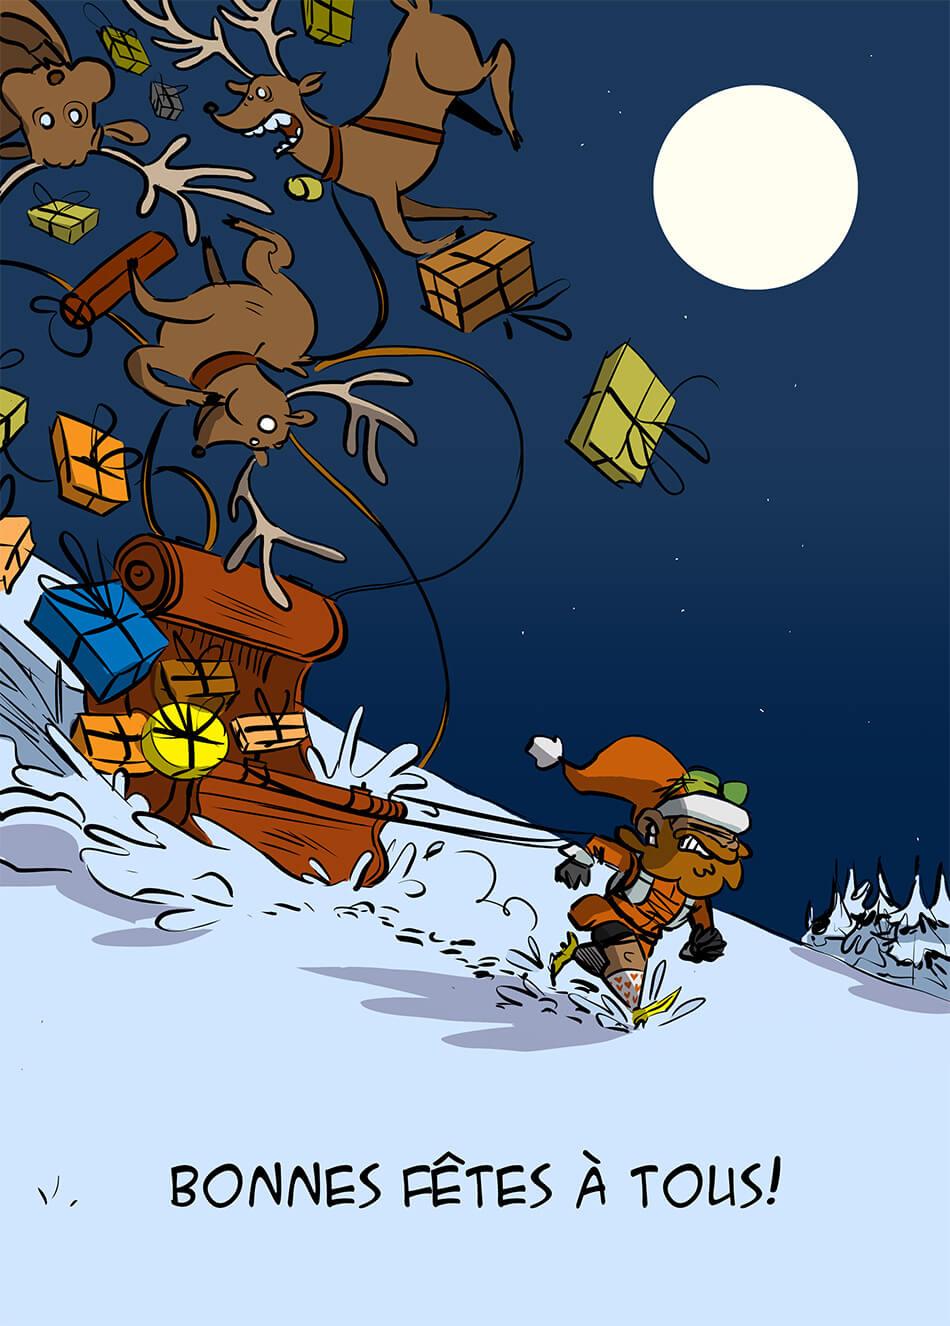 des bosses et des bulles - Bonnes fêtes de Noël !!!